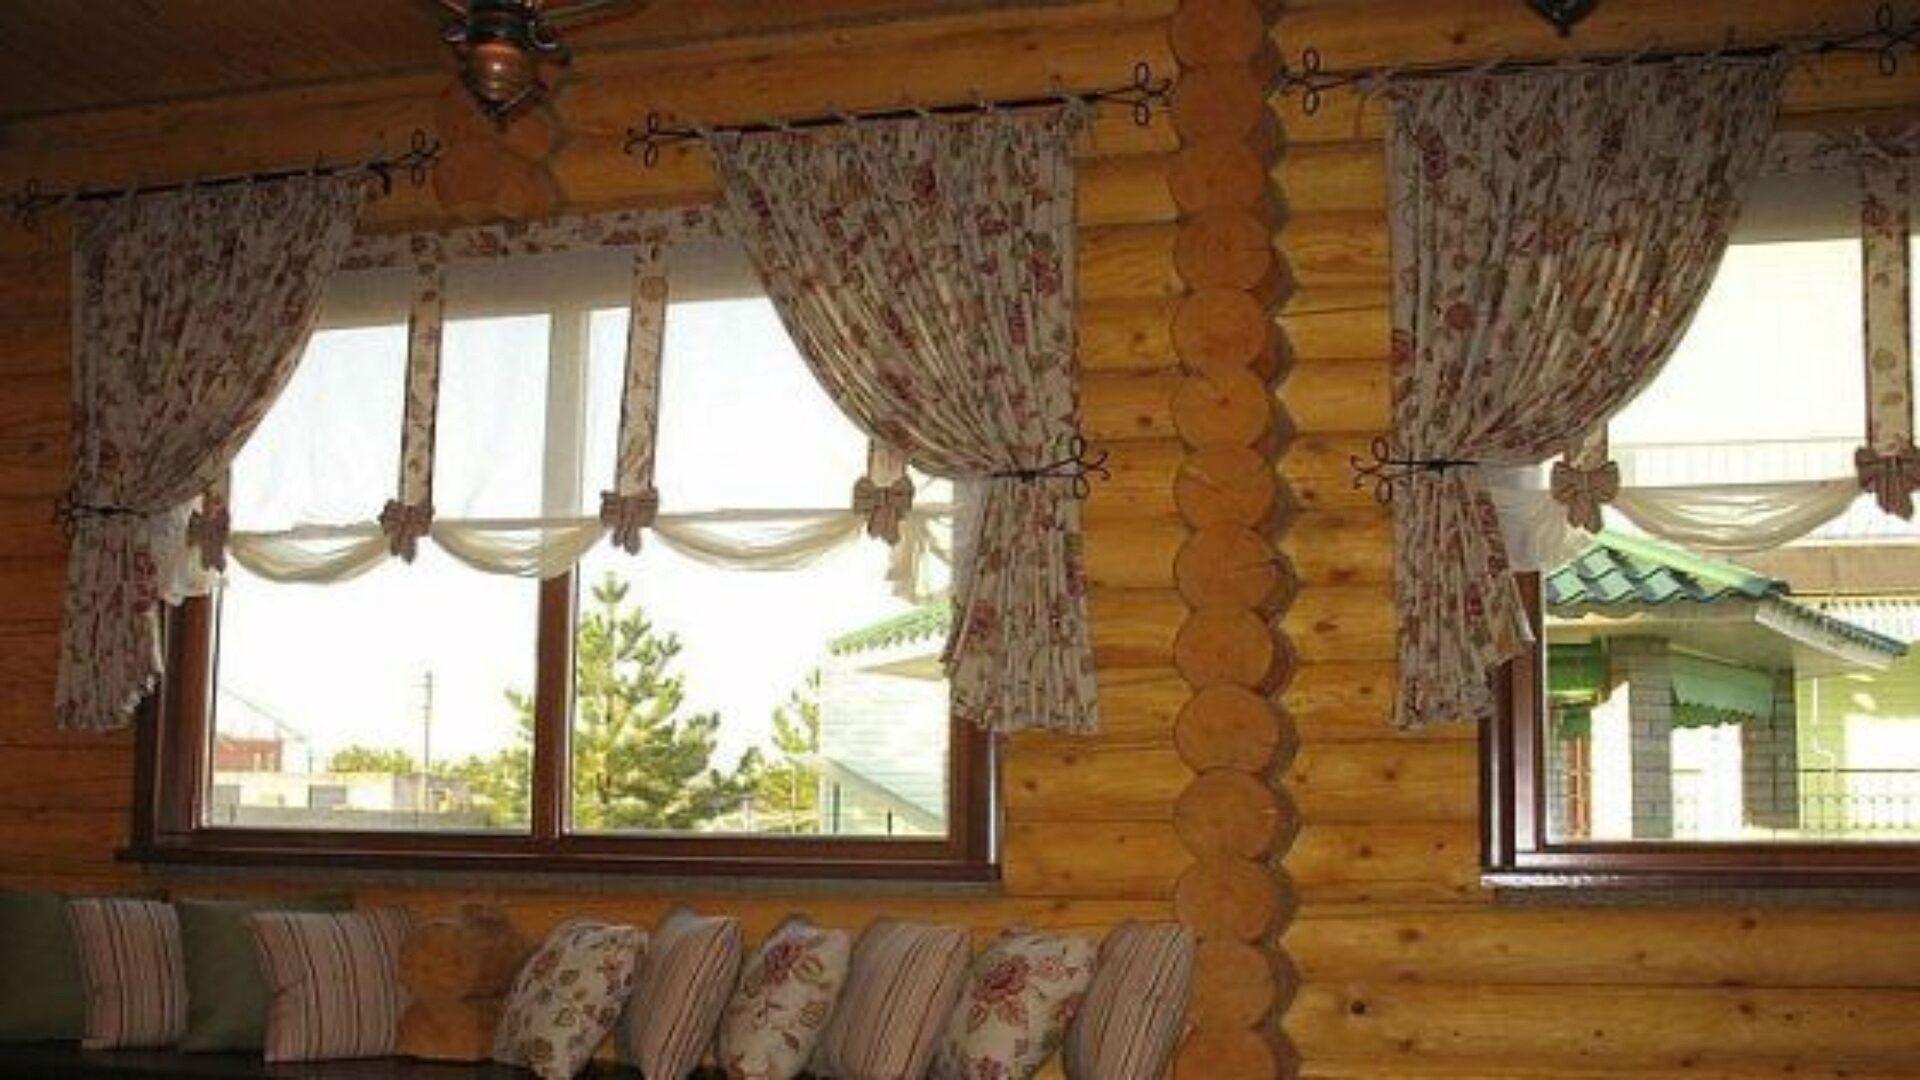 Для стиля кантри характерно использование штор в мелким растительным орнаментом